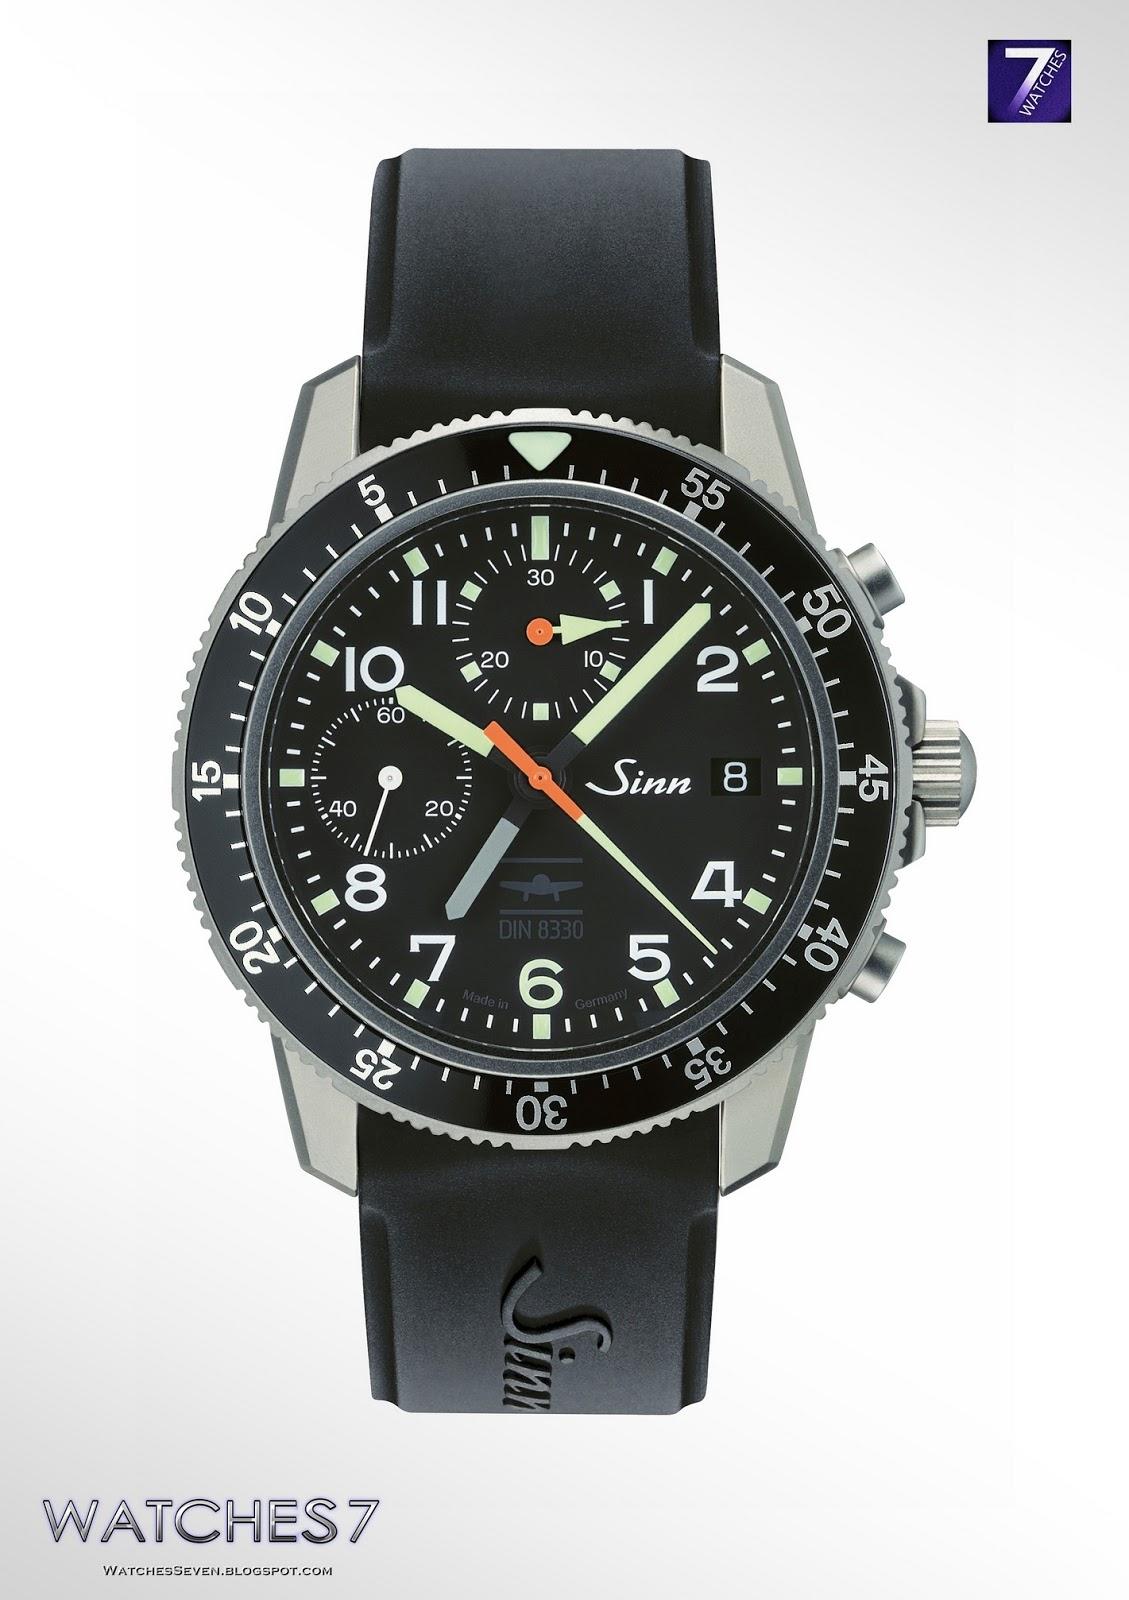 Watches 7: SINN watches pass DIN 8330 Horology